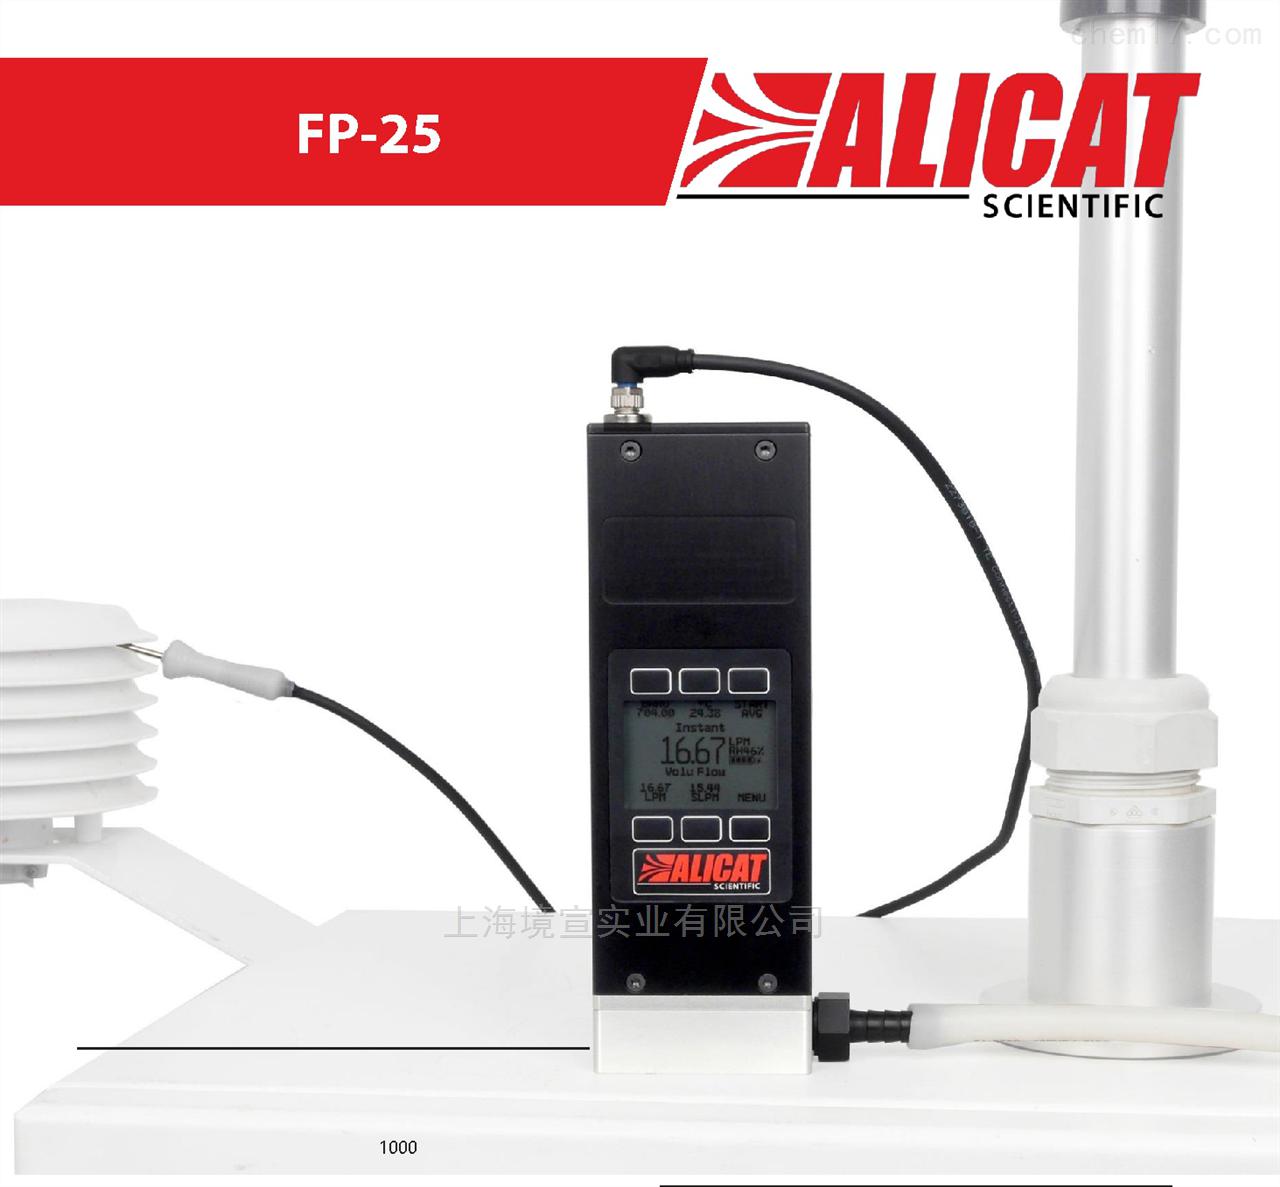 艾里卡特颗粒物在线监测仪气体流量校准器